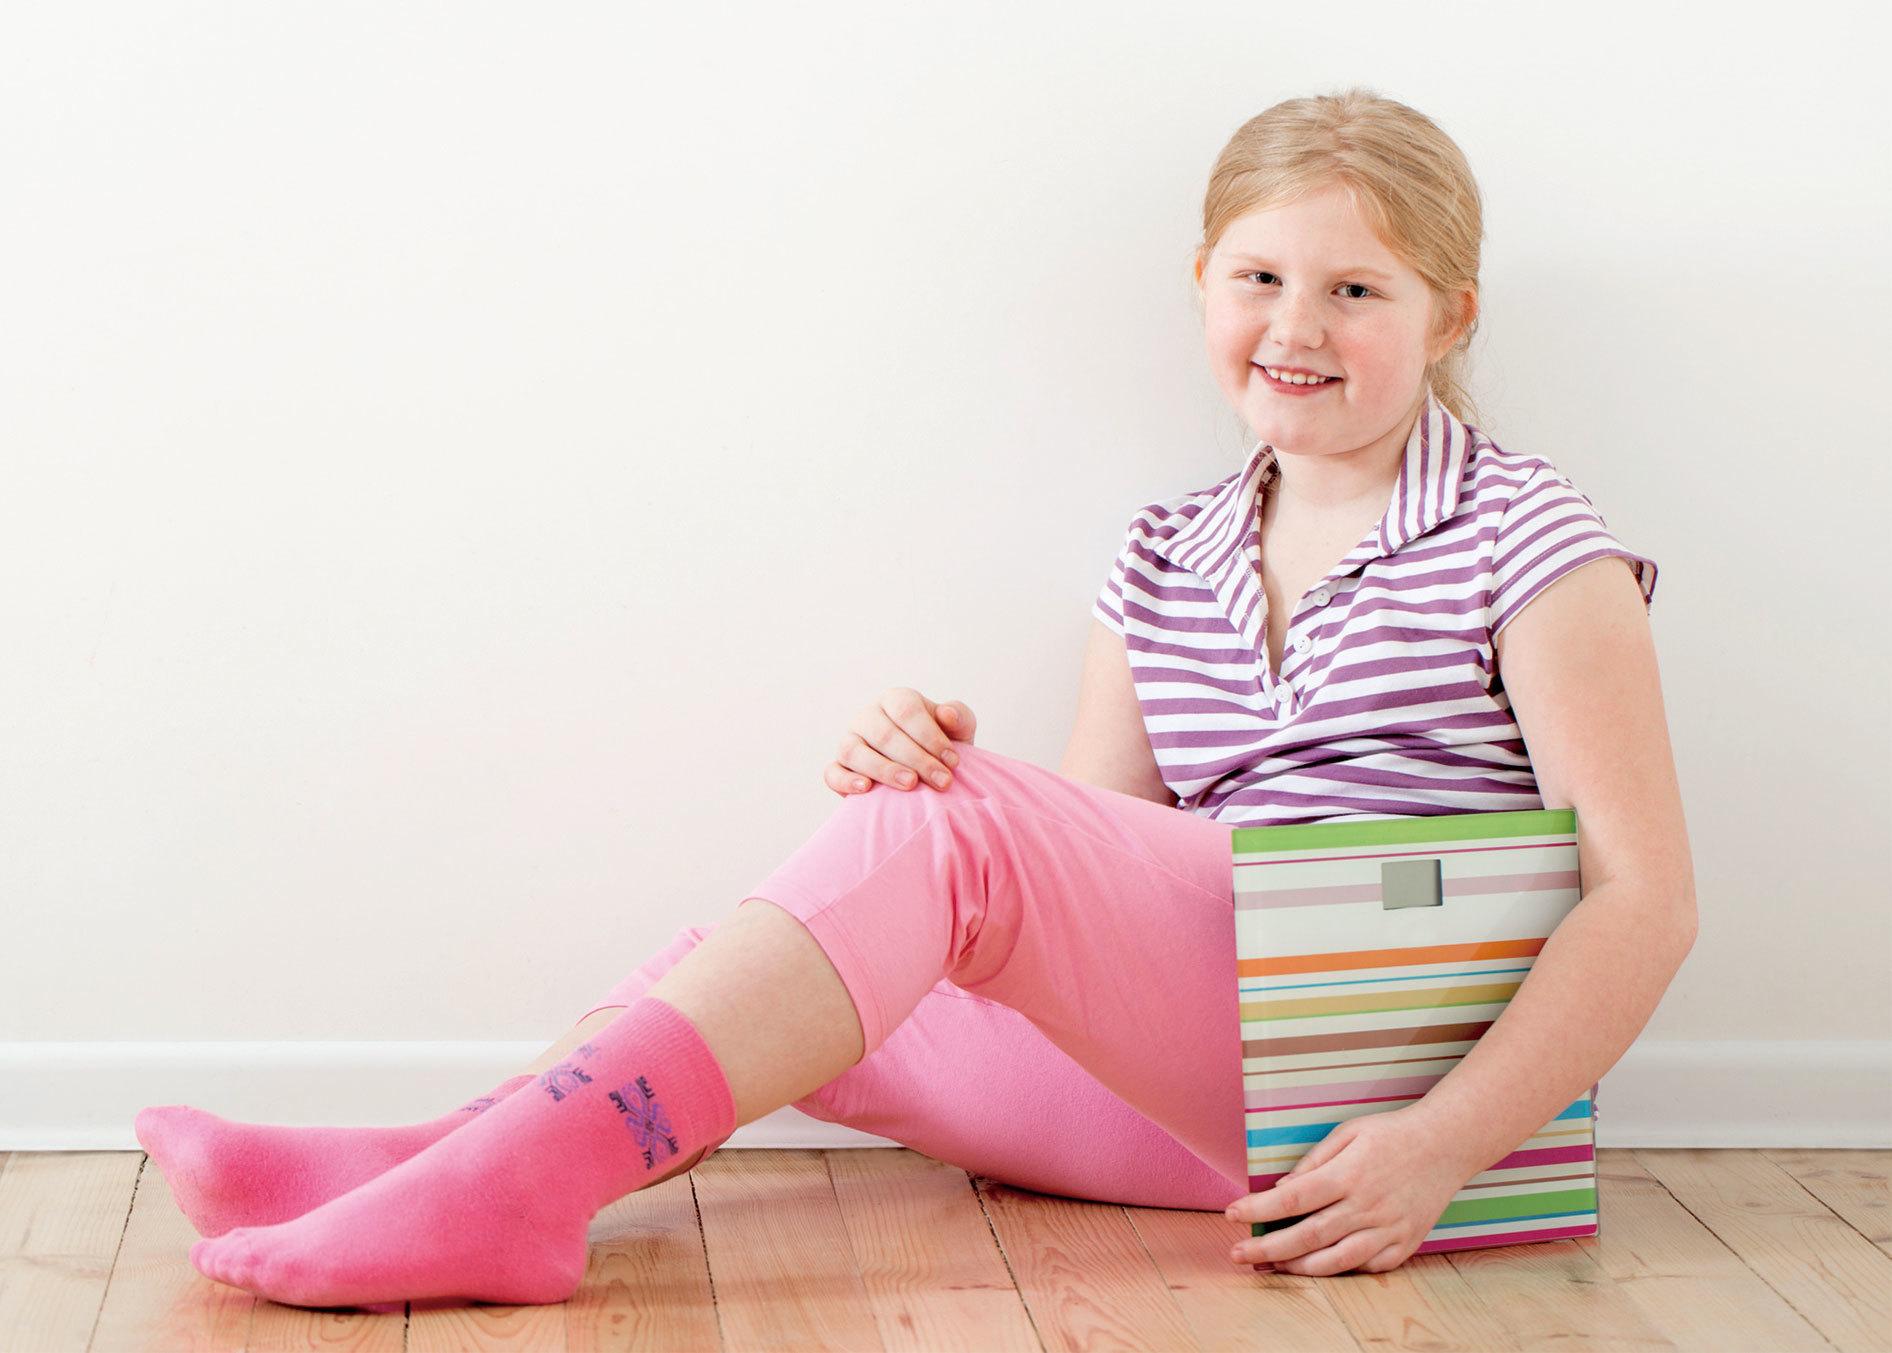 兒童罹患脂肪肝提升肥胖與代謝異常的機率